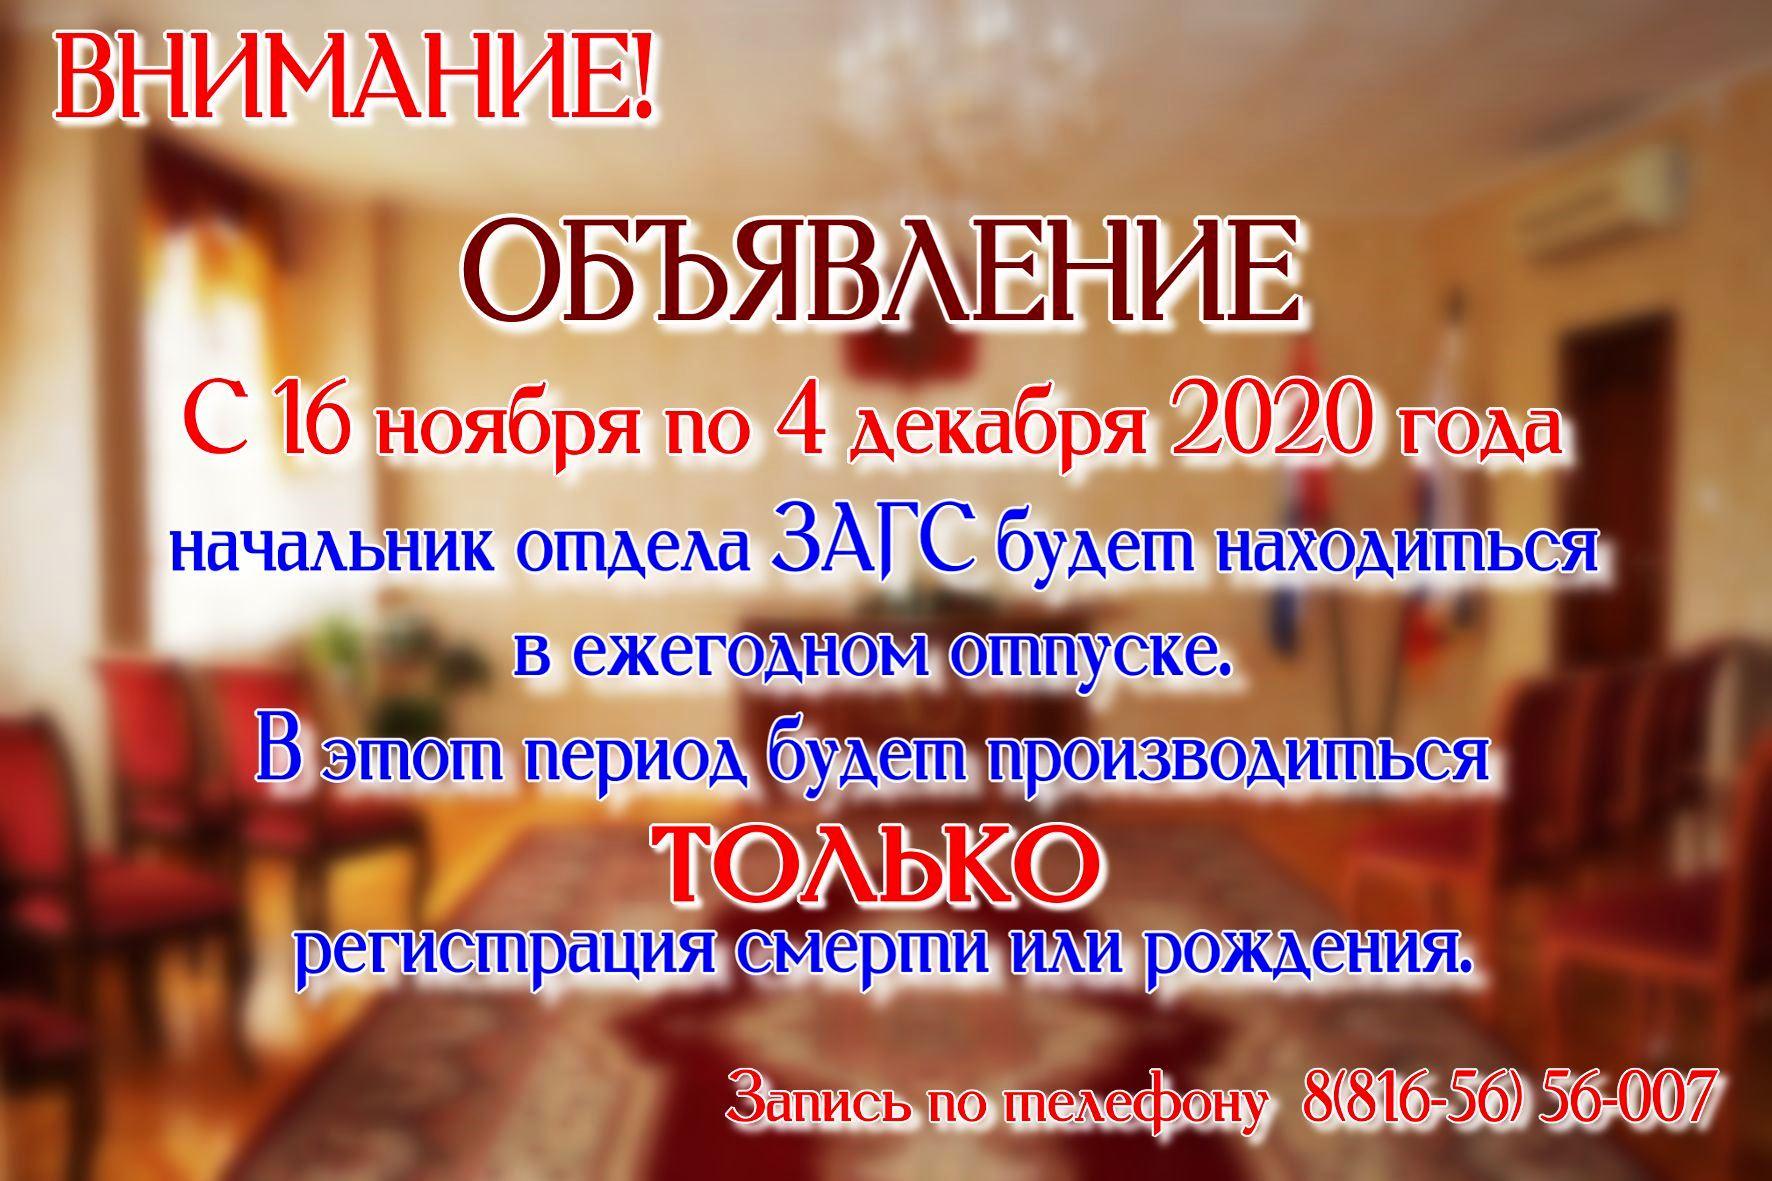 объявление1 (1)